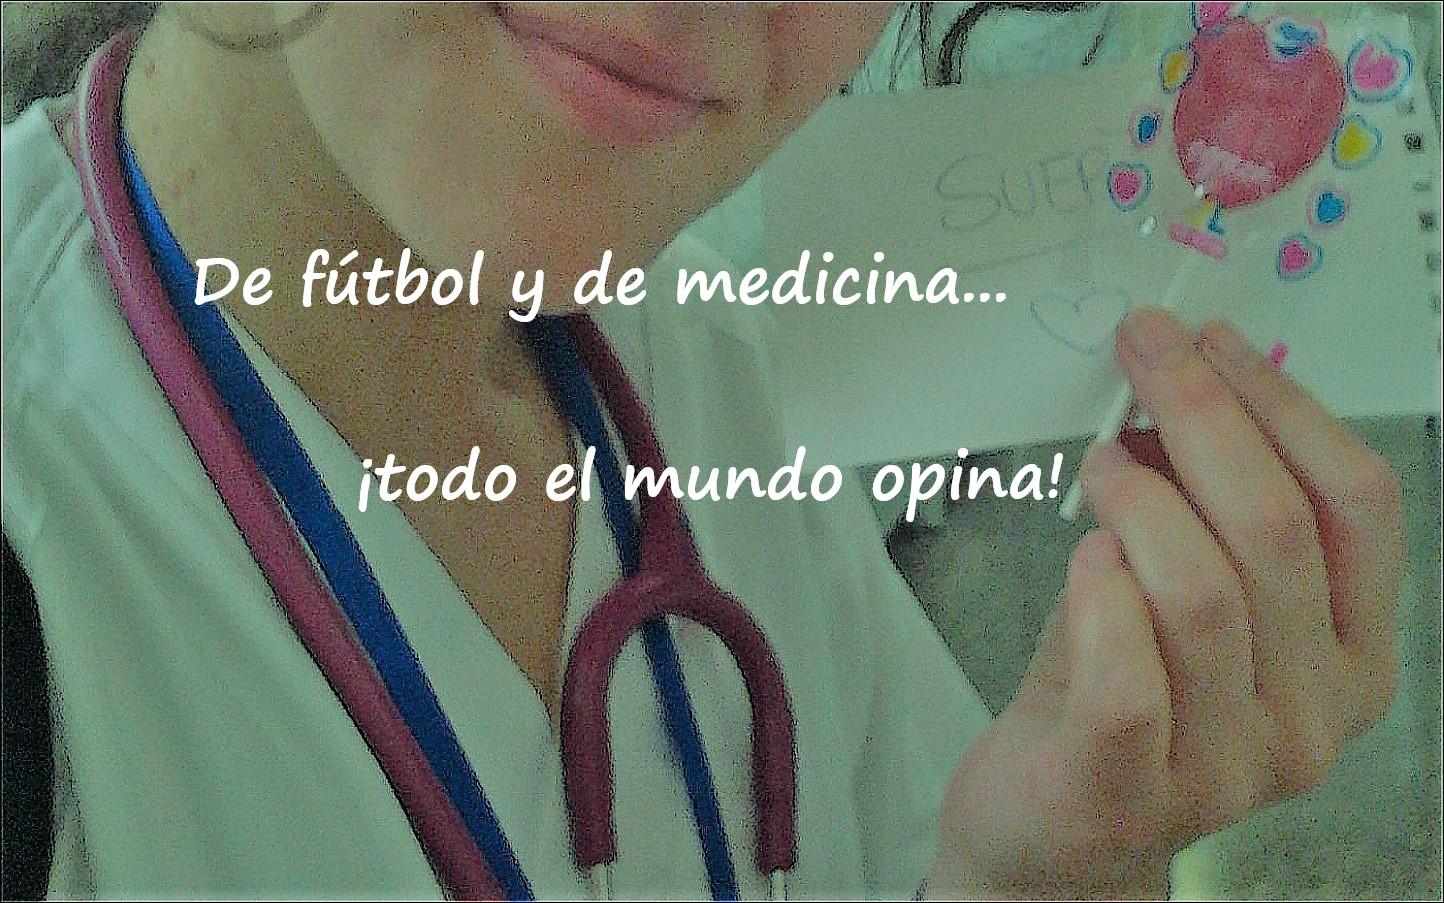 De fútbol y de medicina... ¡todo el mundo opina!